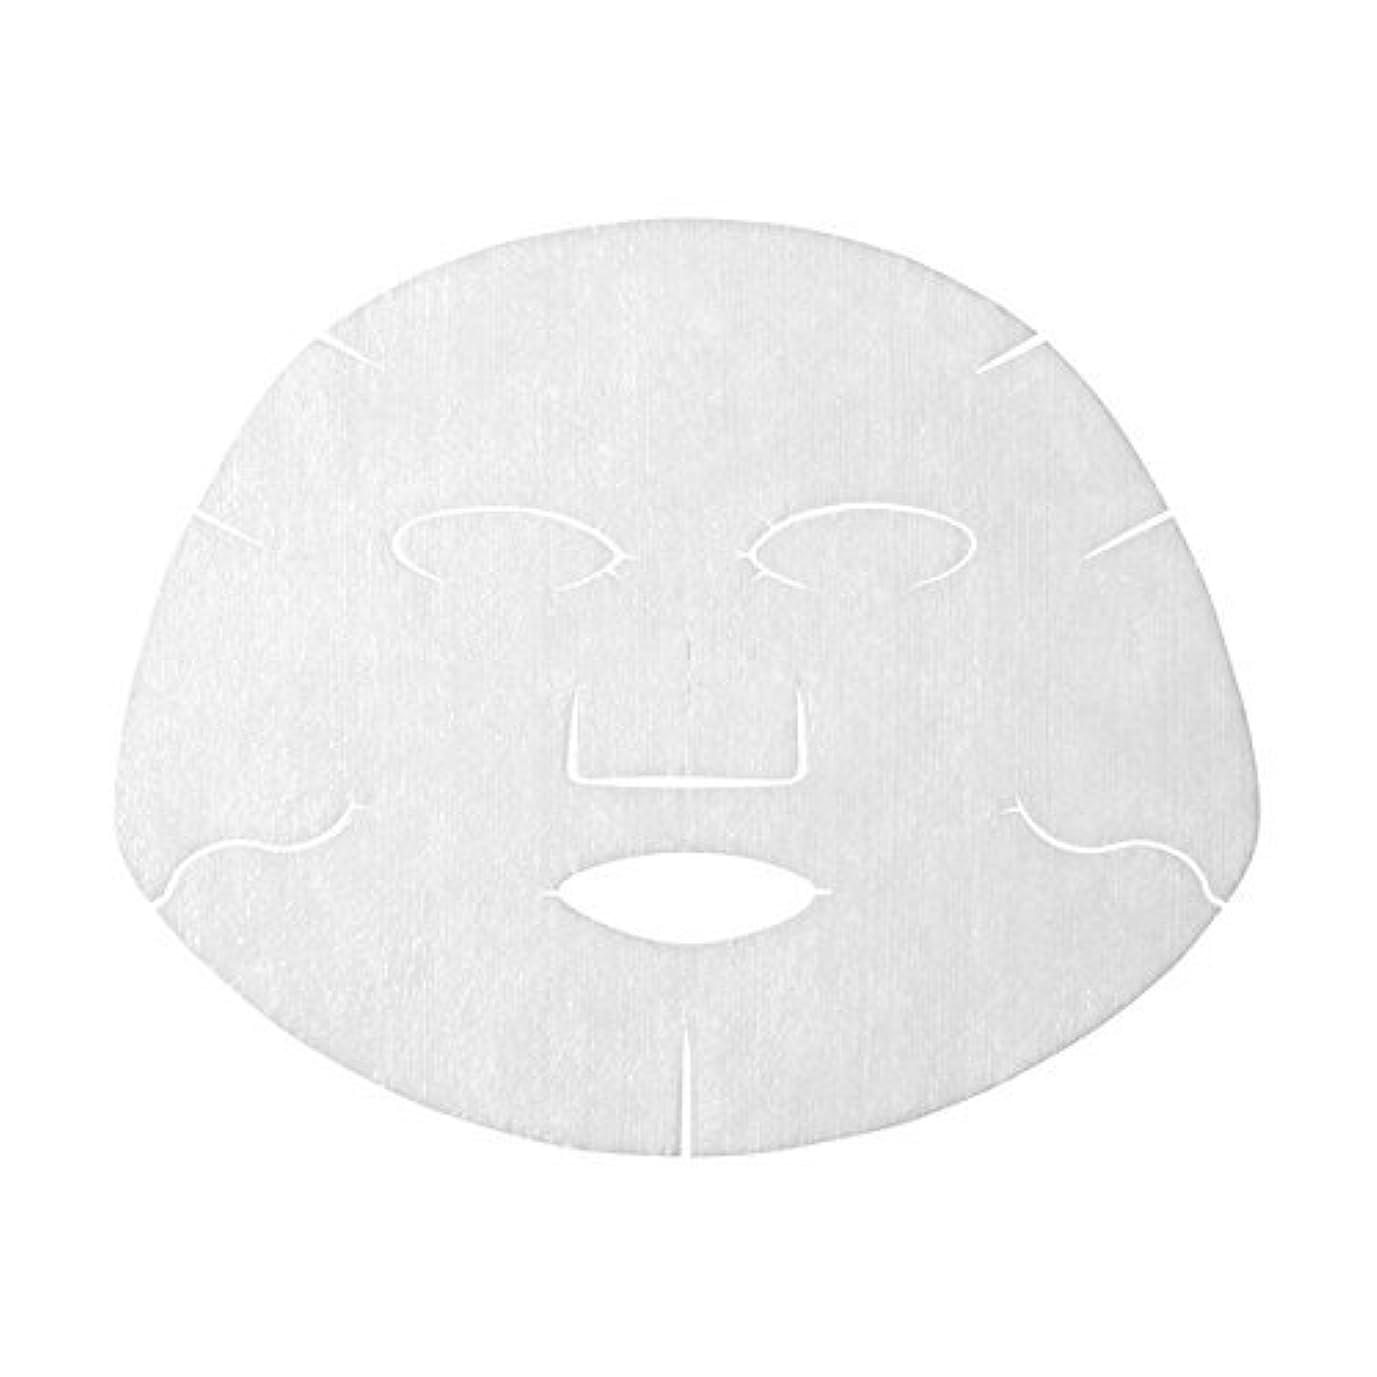 ピアースミスペンドストッキングアクアレーベル モイストチャージマスク <1枚入り> 23mLX1枚 ×3個